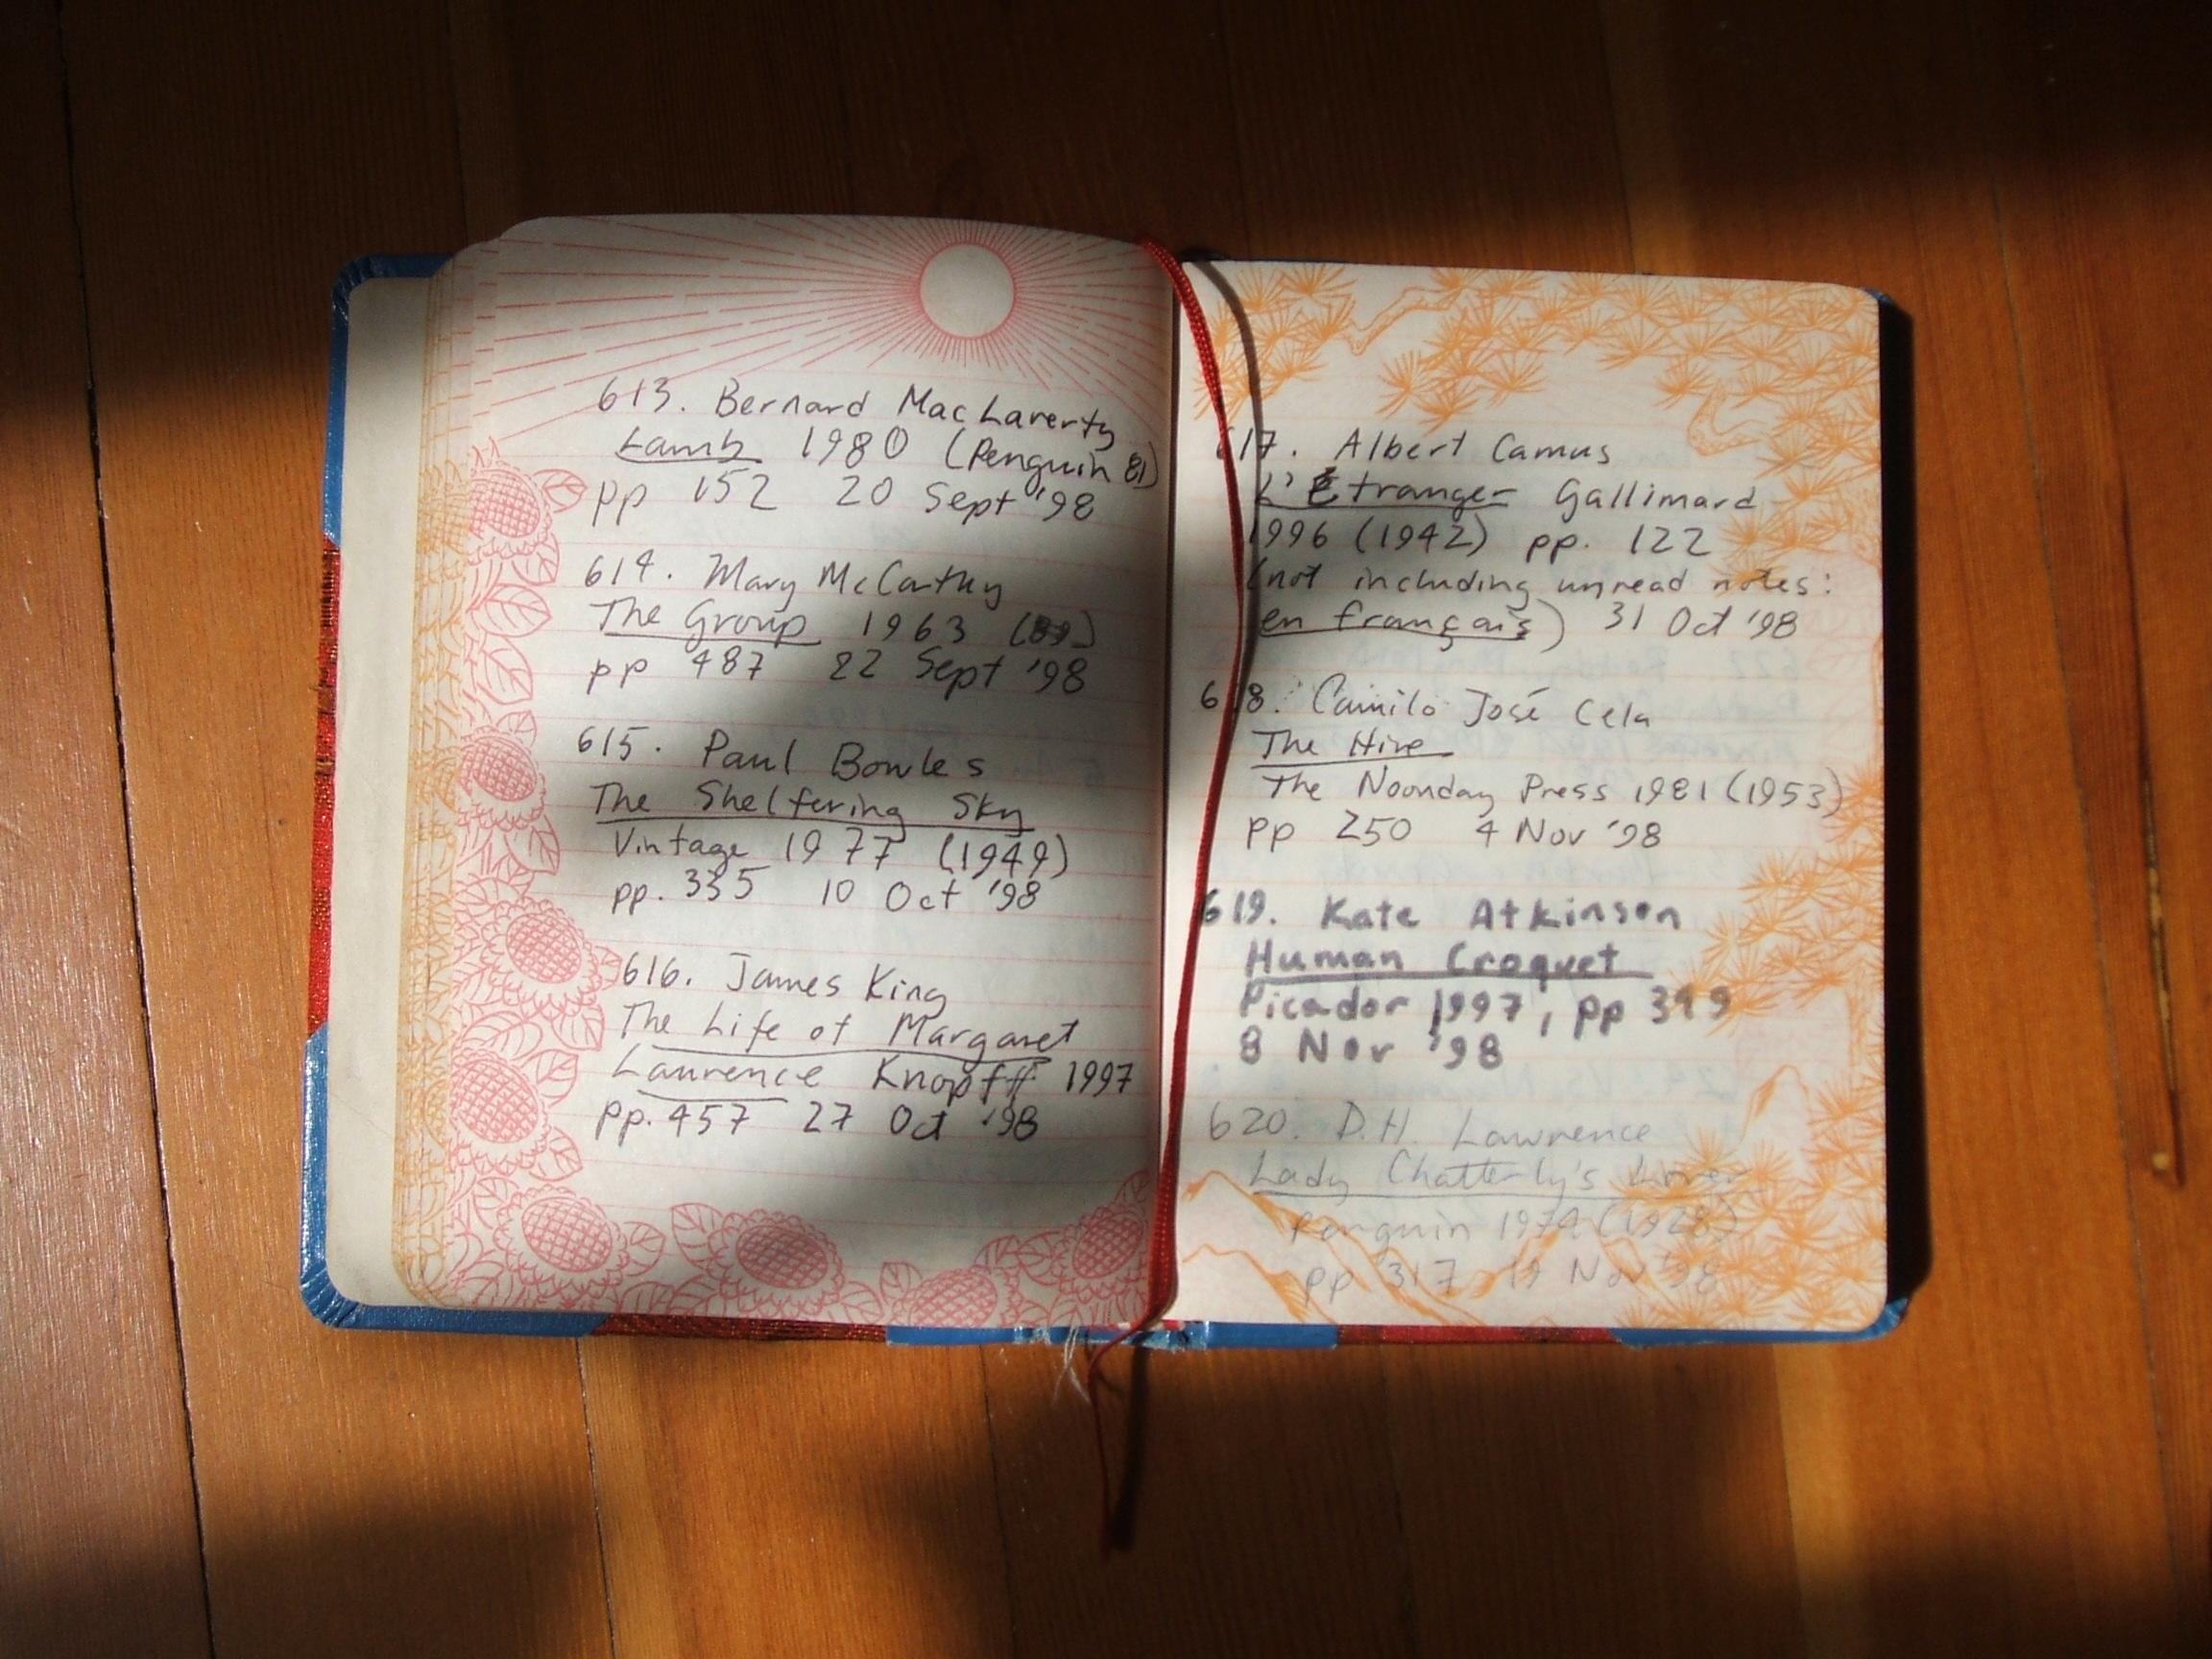 Secrets by Bernard MacLaverty